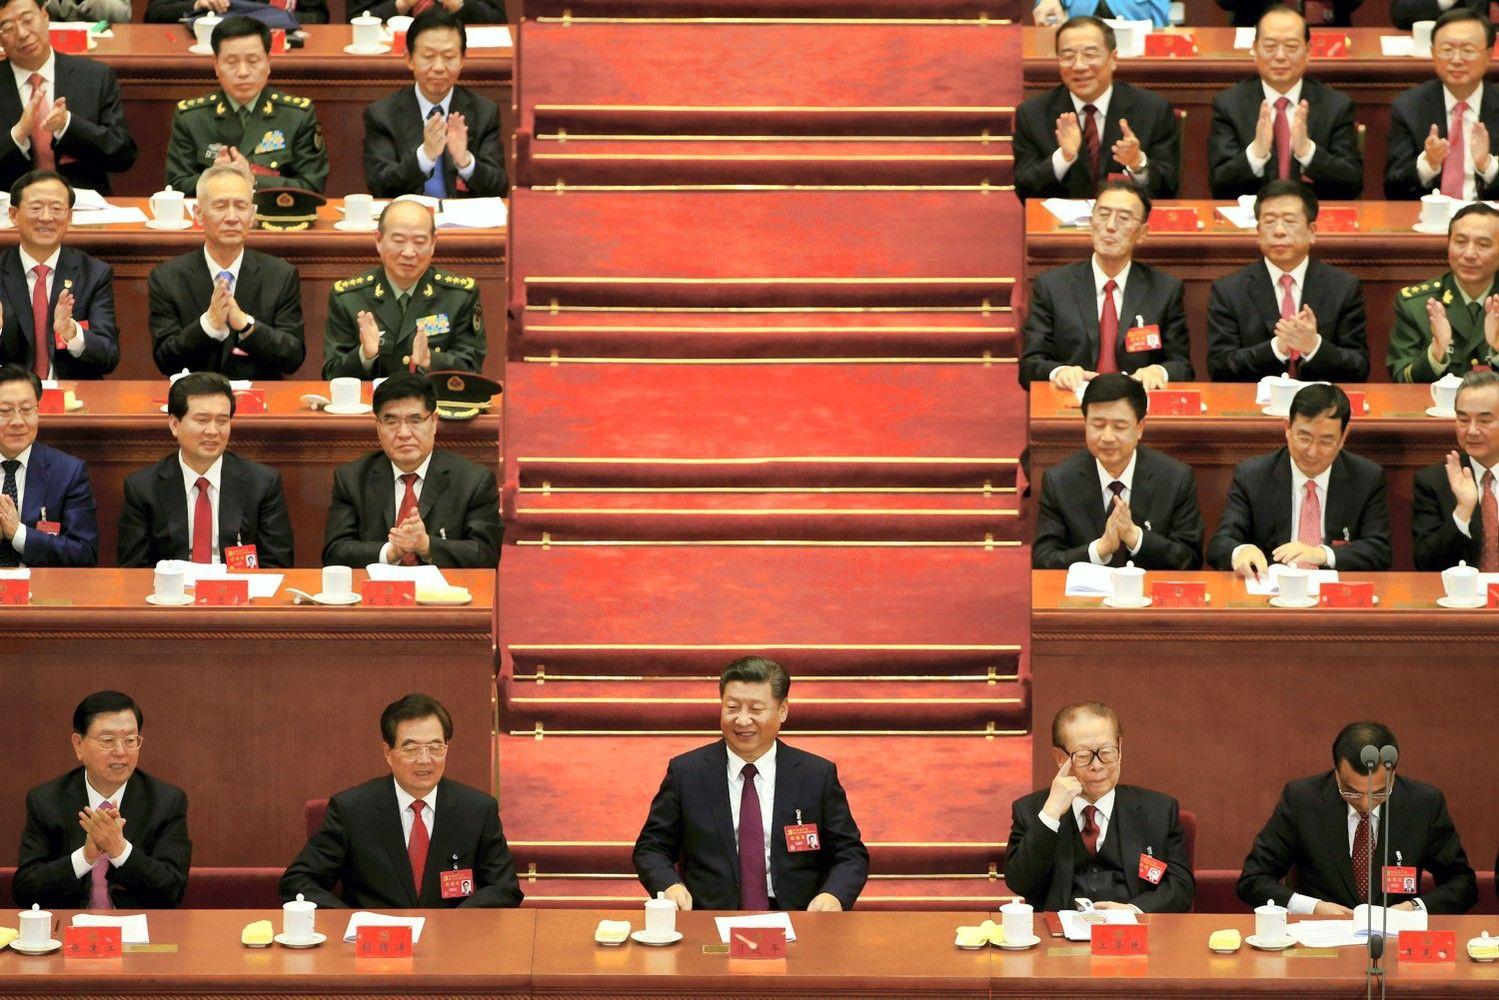 Xi Jinpingui siekiant sustiprinti savo galią – palankios ekonomikos naujienos